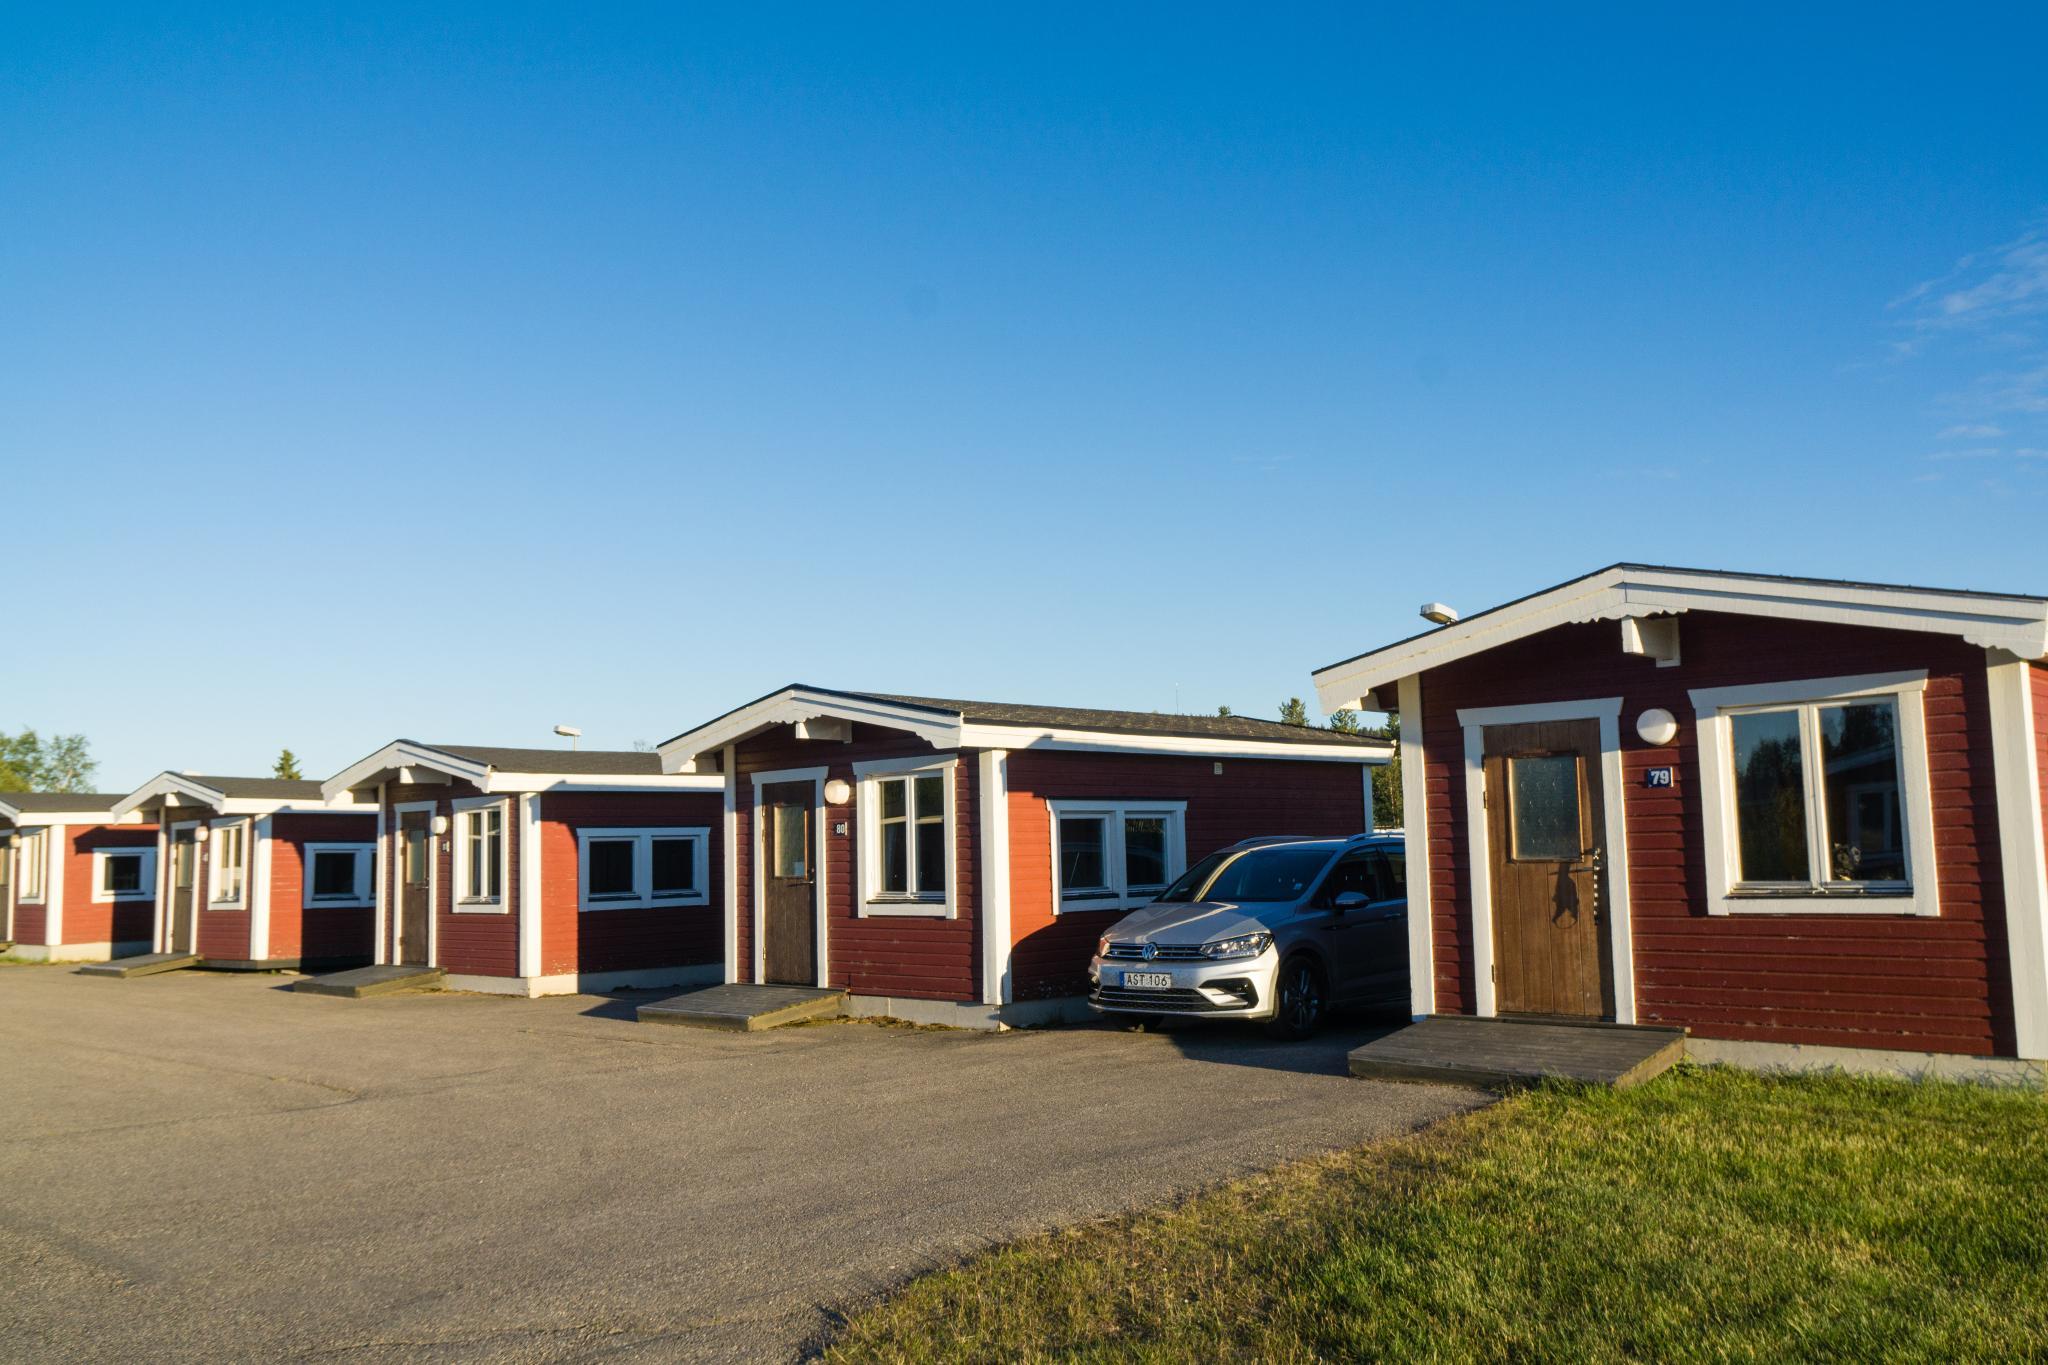 【北歐露營】北極荒野的推薦度假村 — 瑞典阿爾耶普魯格 Kraja 酒店 52